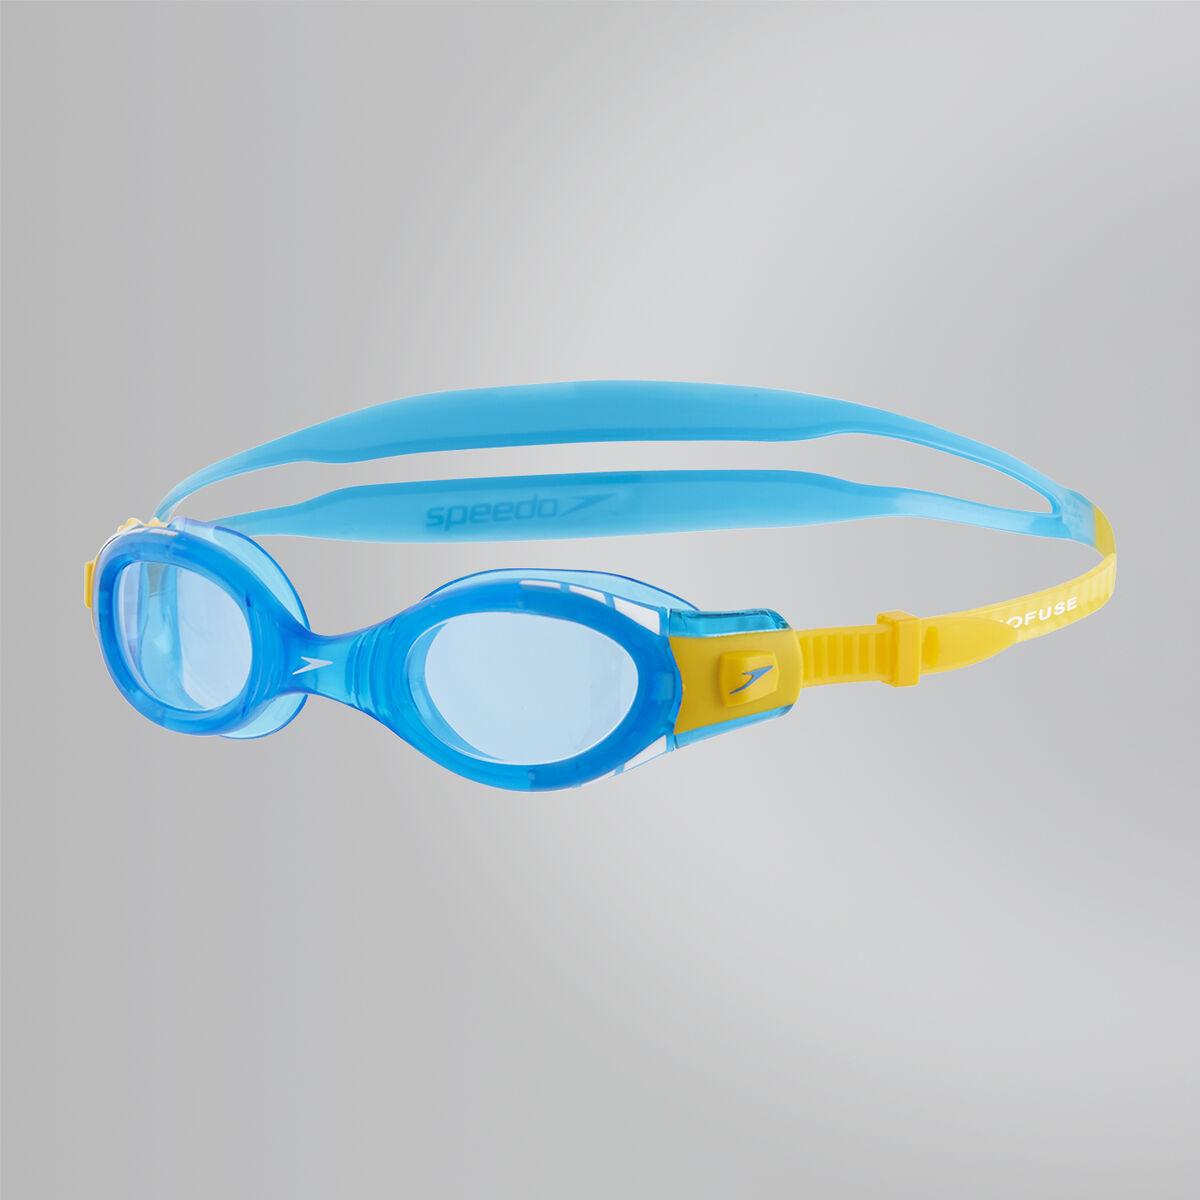 Futura Biofuse Junior Goggle